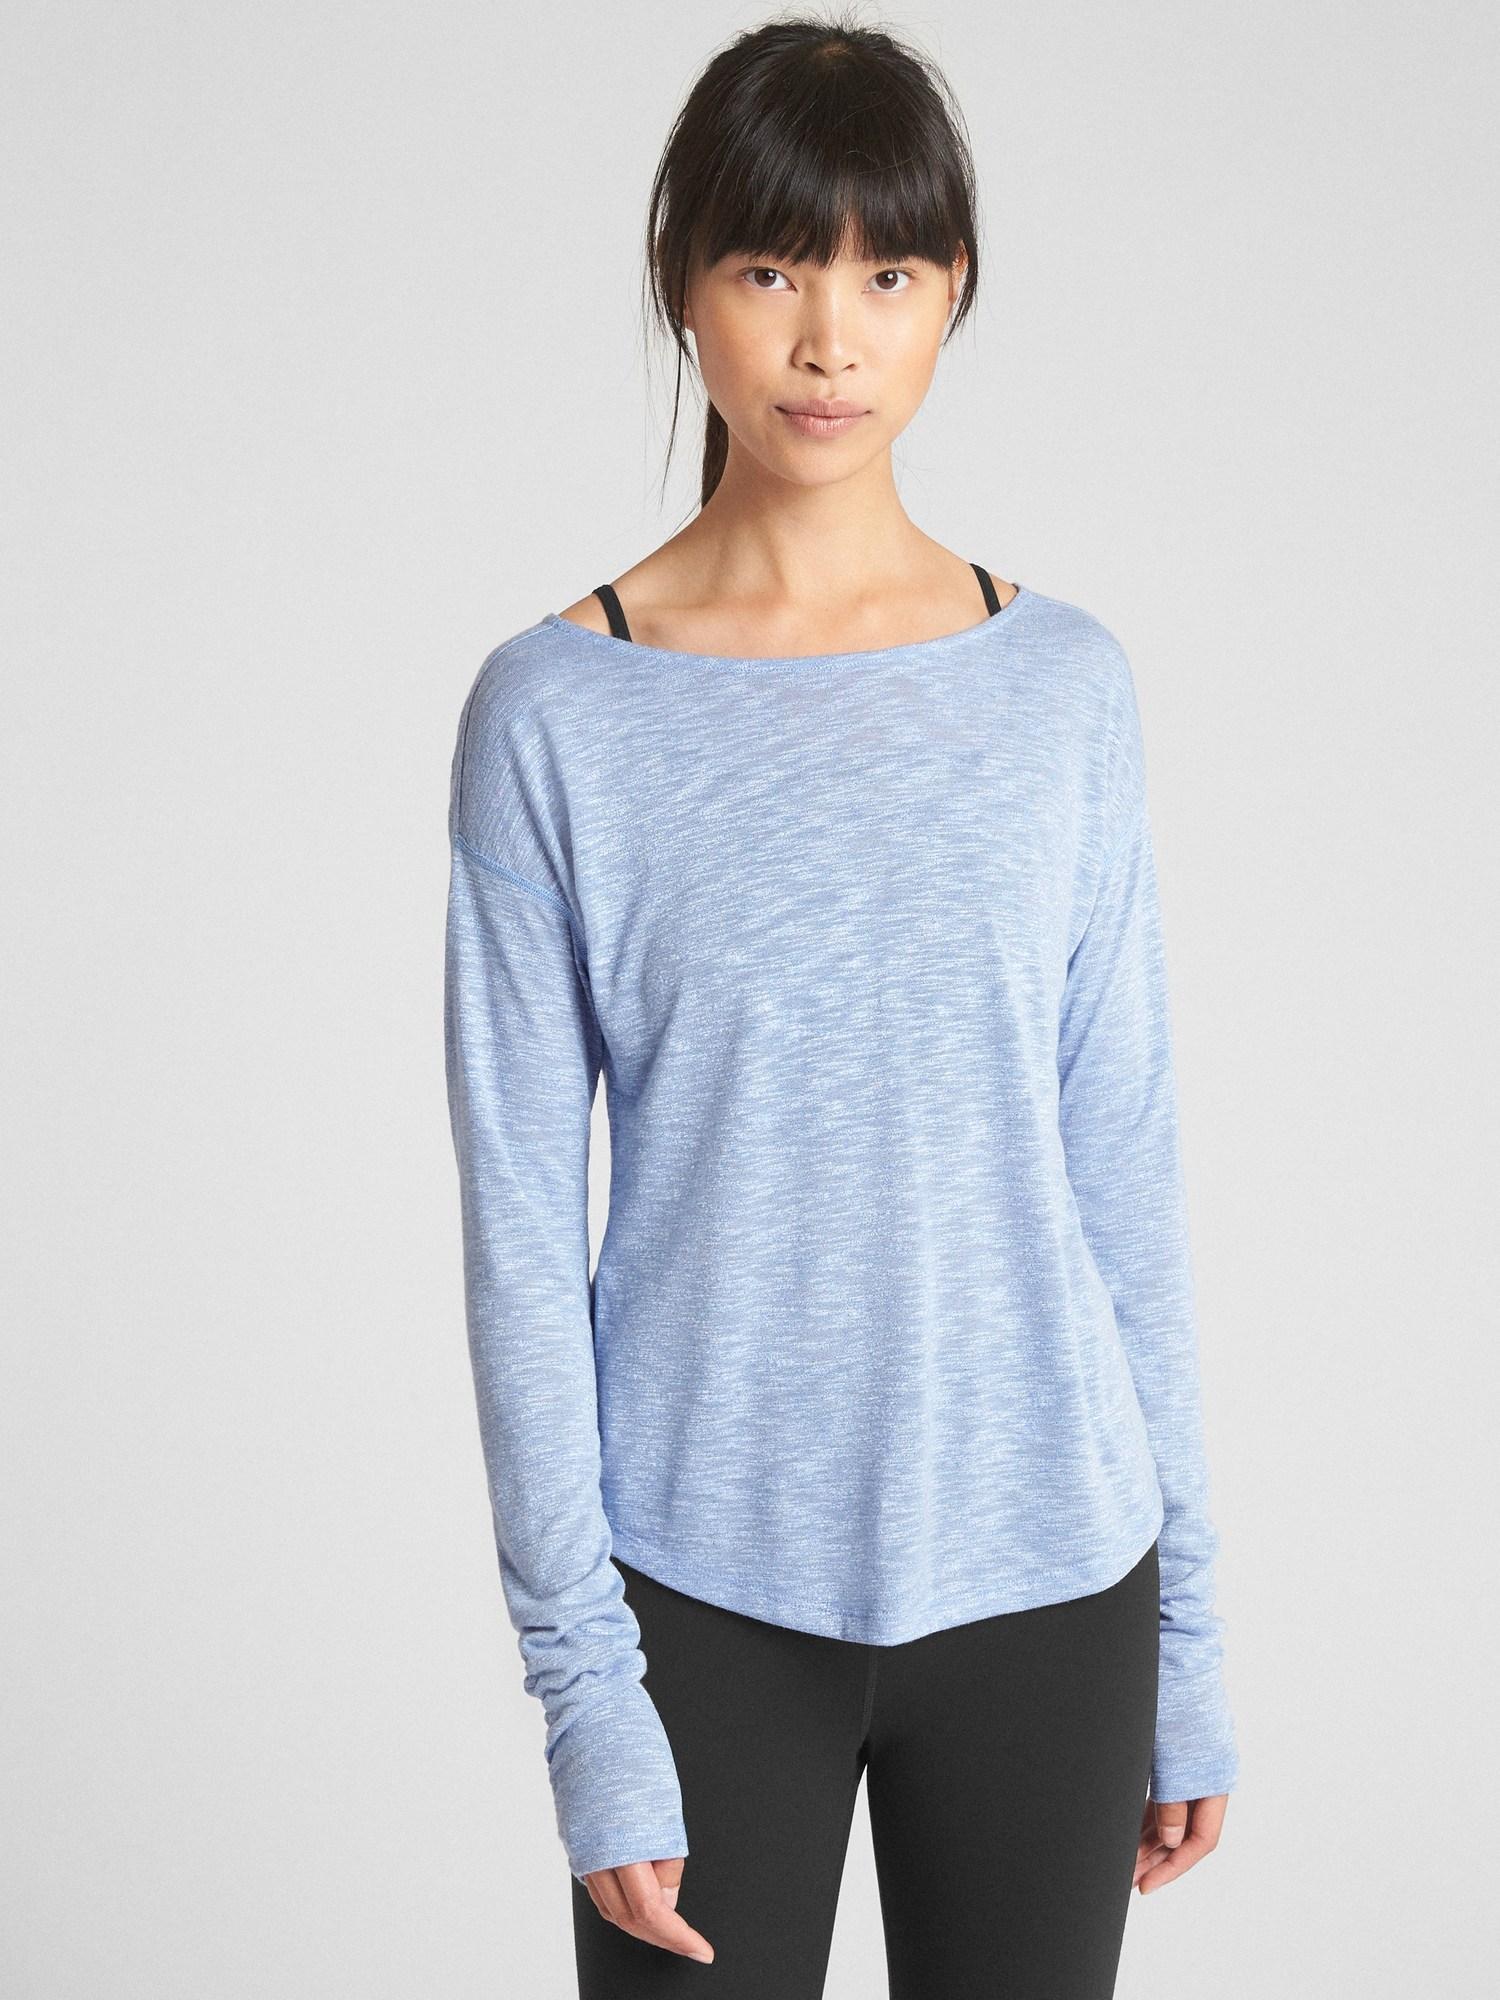 92d461fe9a509 Gap Fit Long Sleeve Cross-back T-shirt in Blue - Lyst